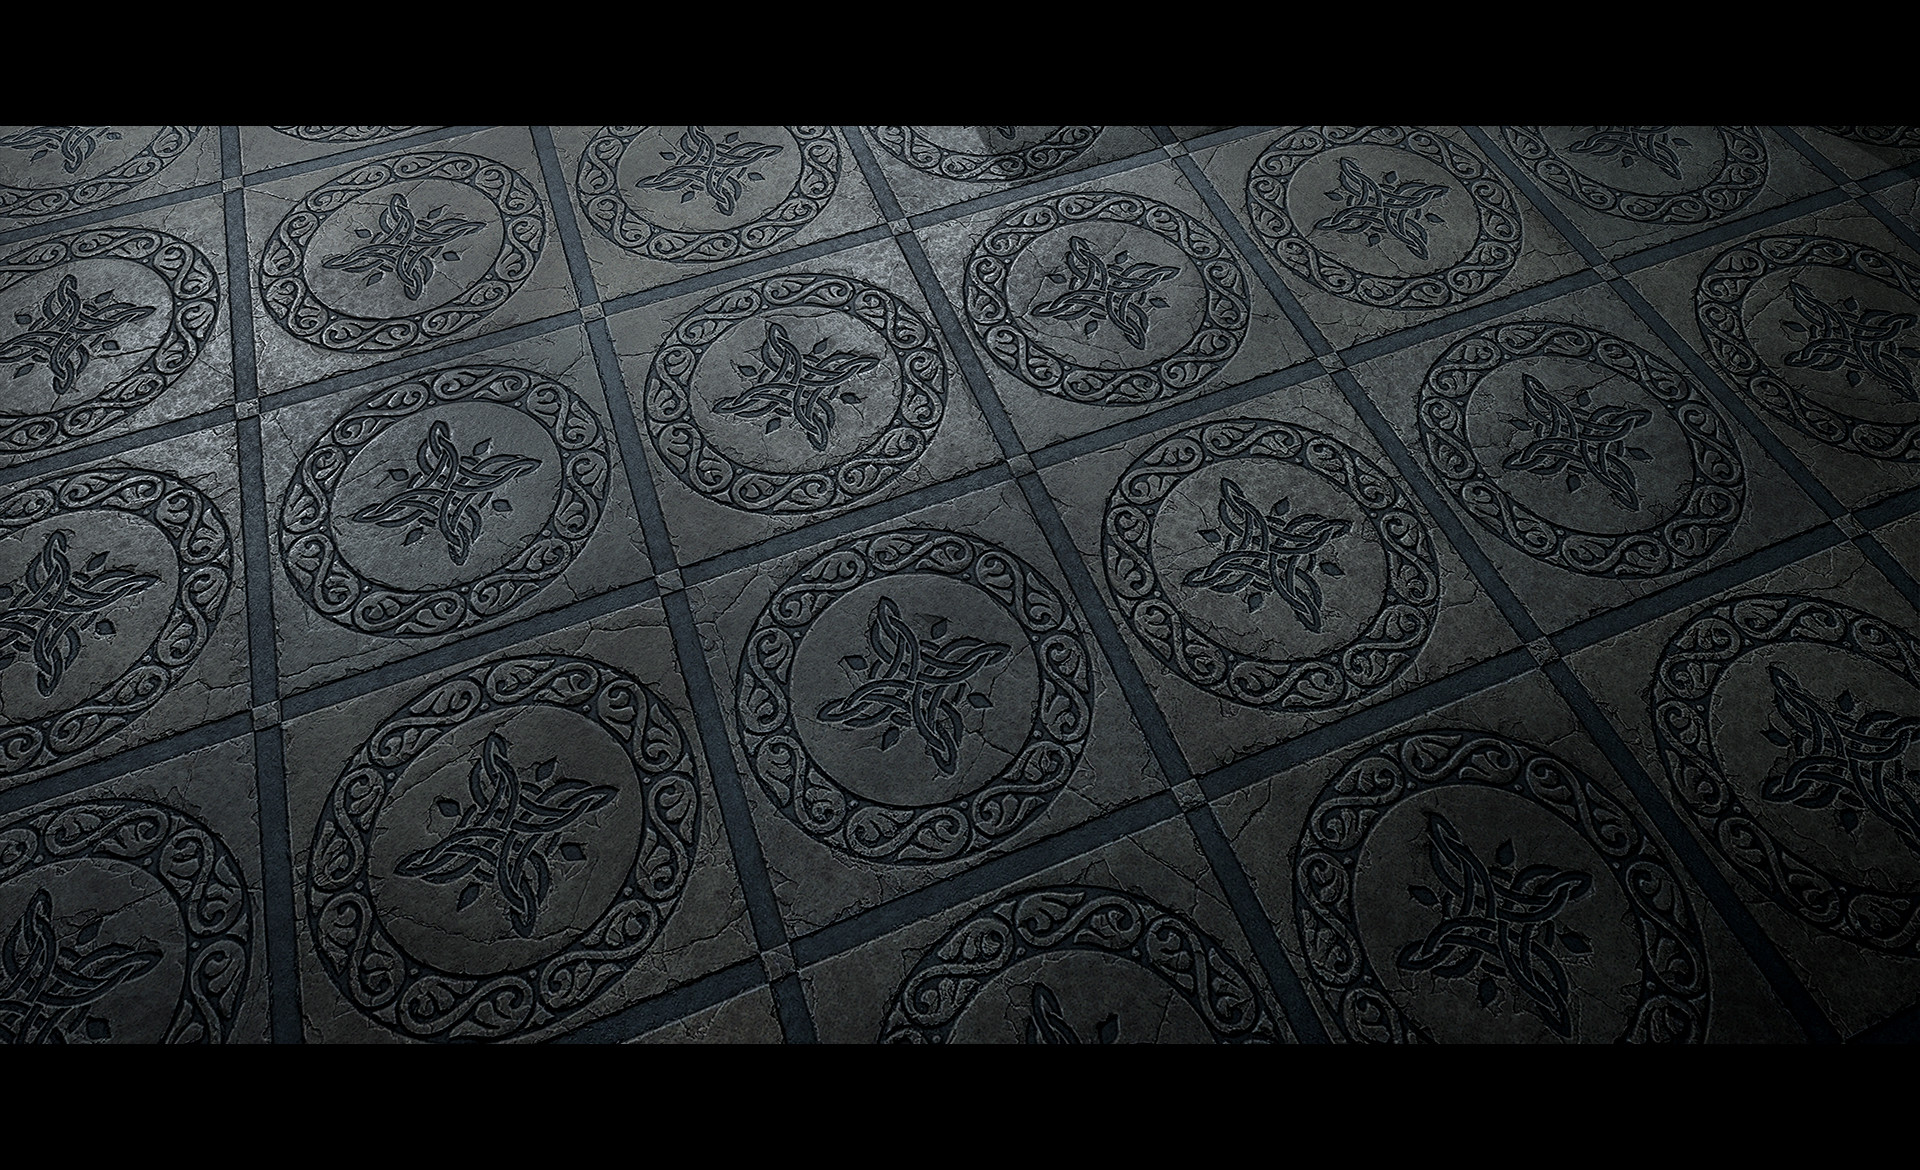 Shaun baker screenshot 03